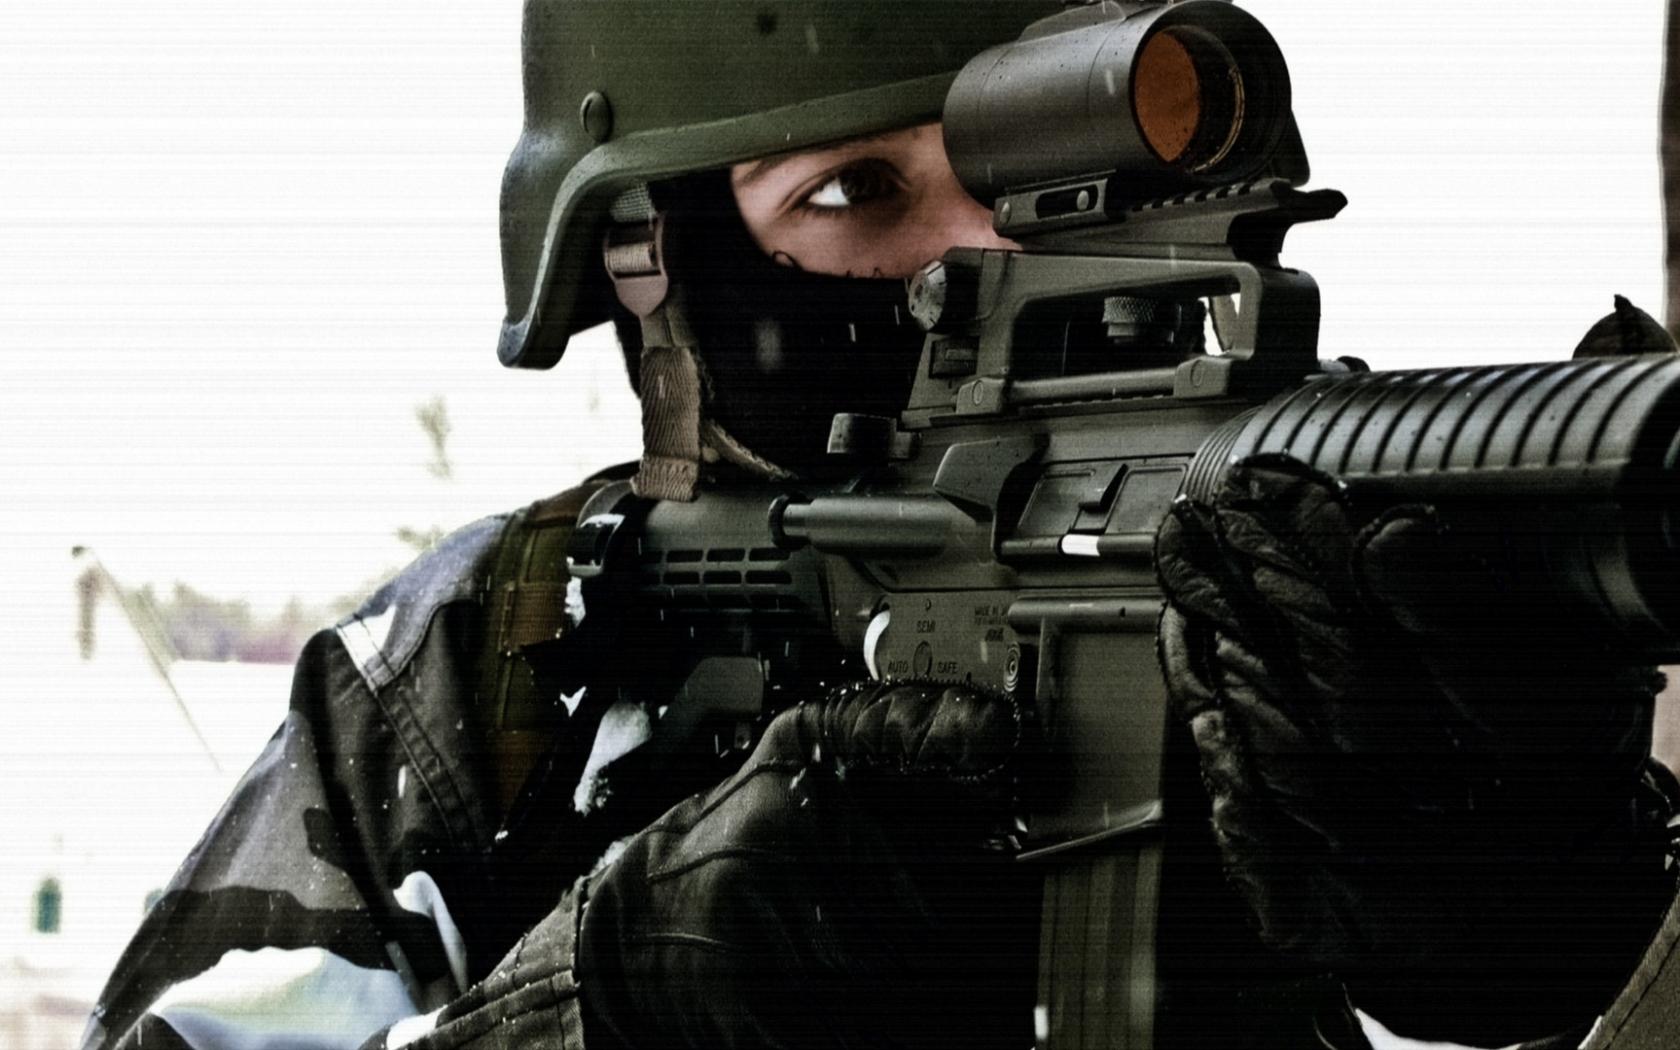 Download wallpaper Swat wallpaper wallpapers for desktop SWAT 1680x1050